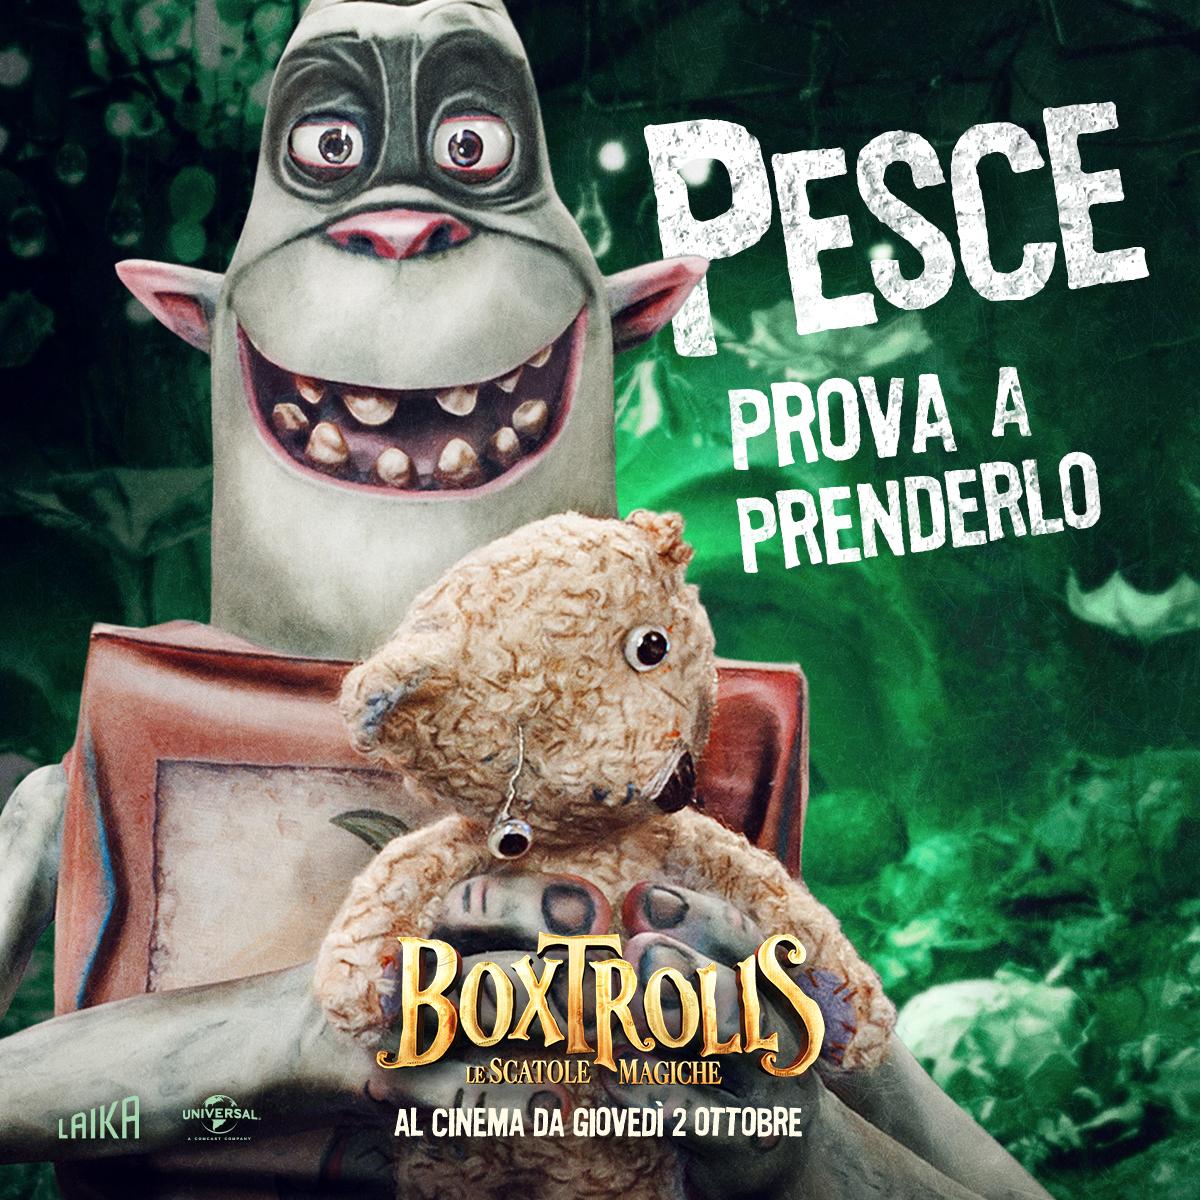 Boxtrolls - Le scatole magiche: il character banner italiano di Pesce